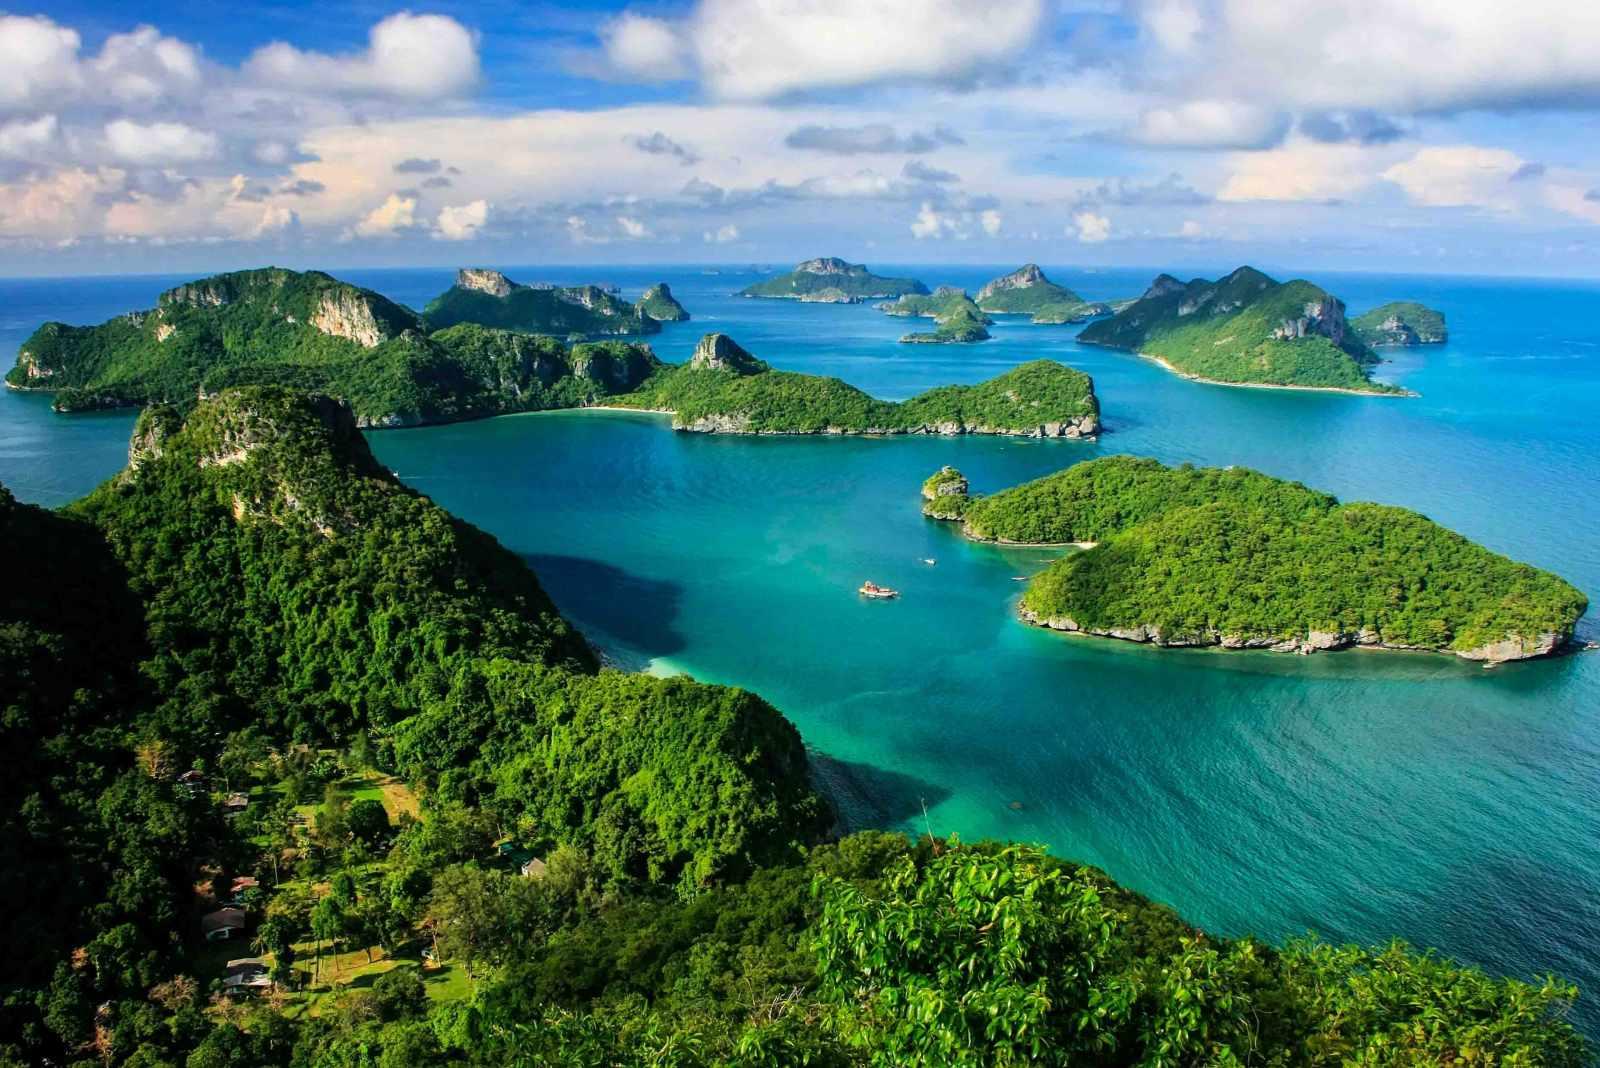 Không chỉ sở hữu các di tích ấn tượng, tour châu Á Thái Lan sẽ khiến bạn bất ngờ trước những quang cảnh thiên nhiên đẹp như thế này.